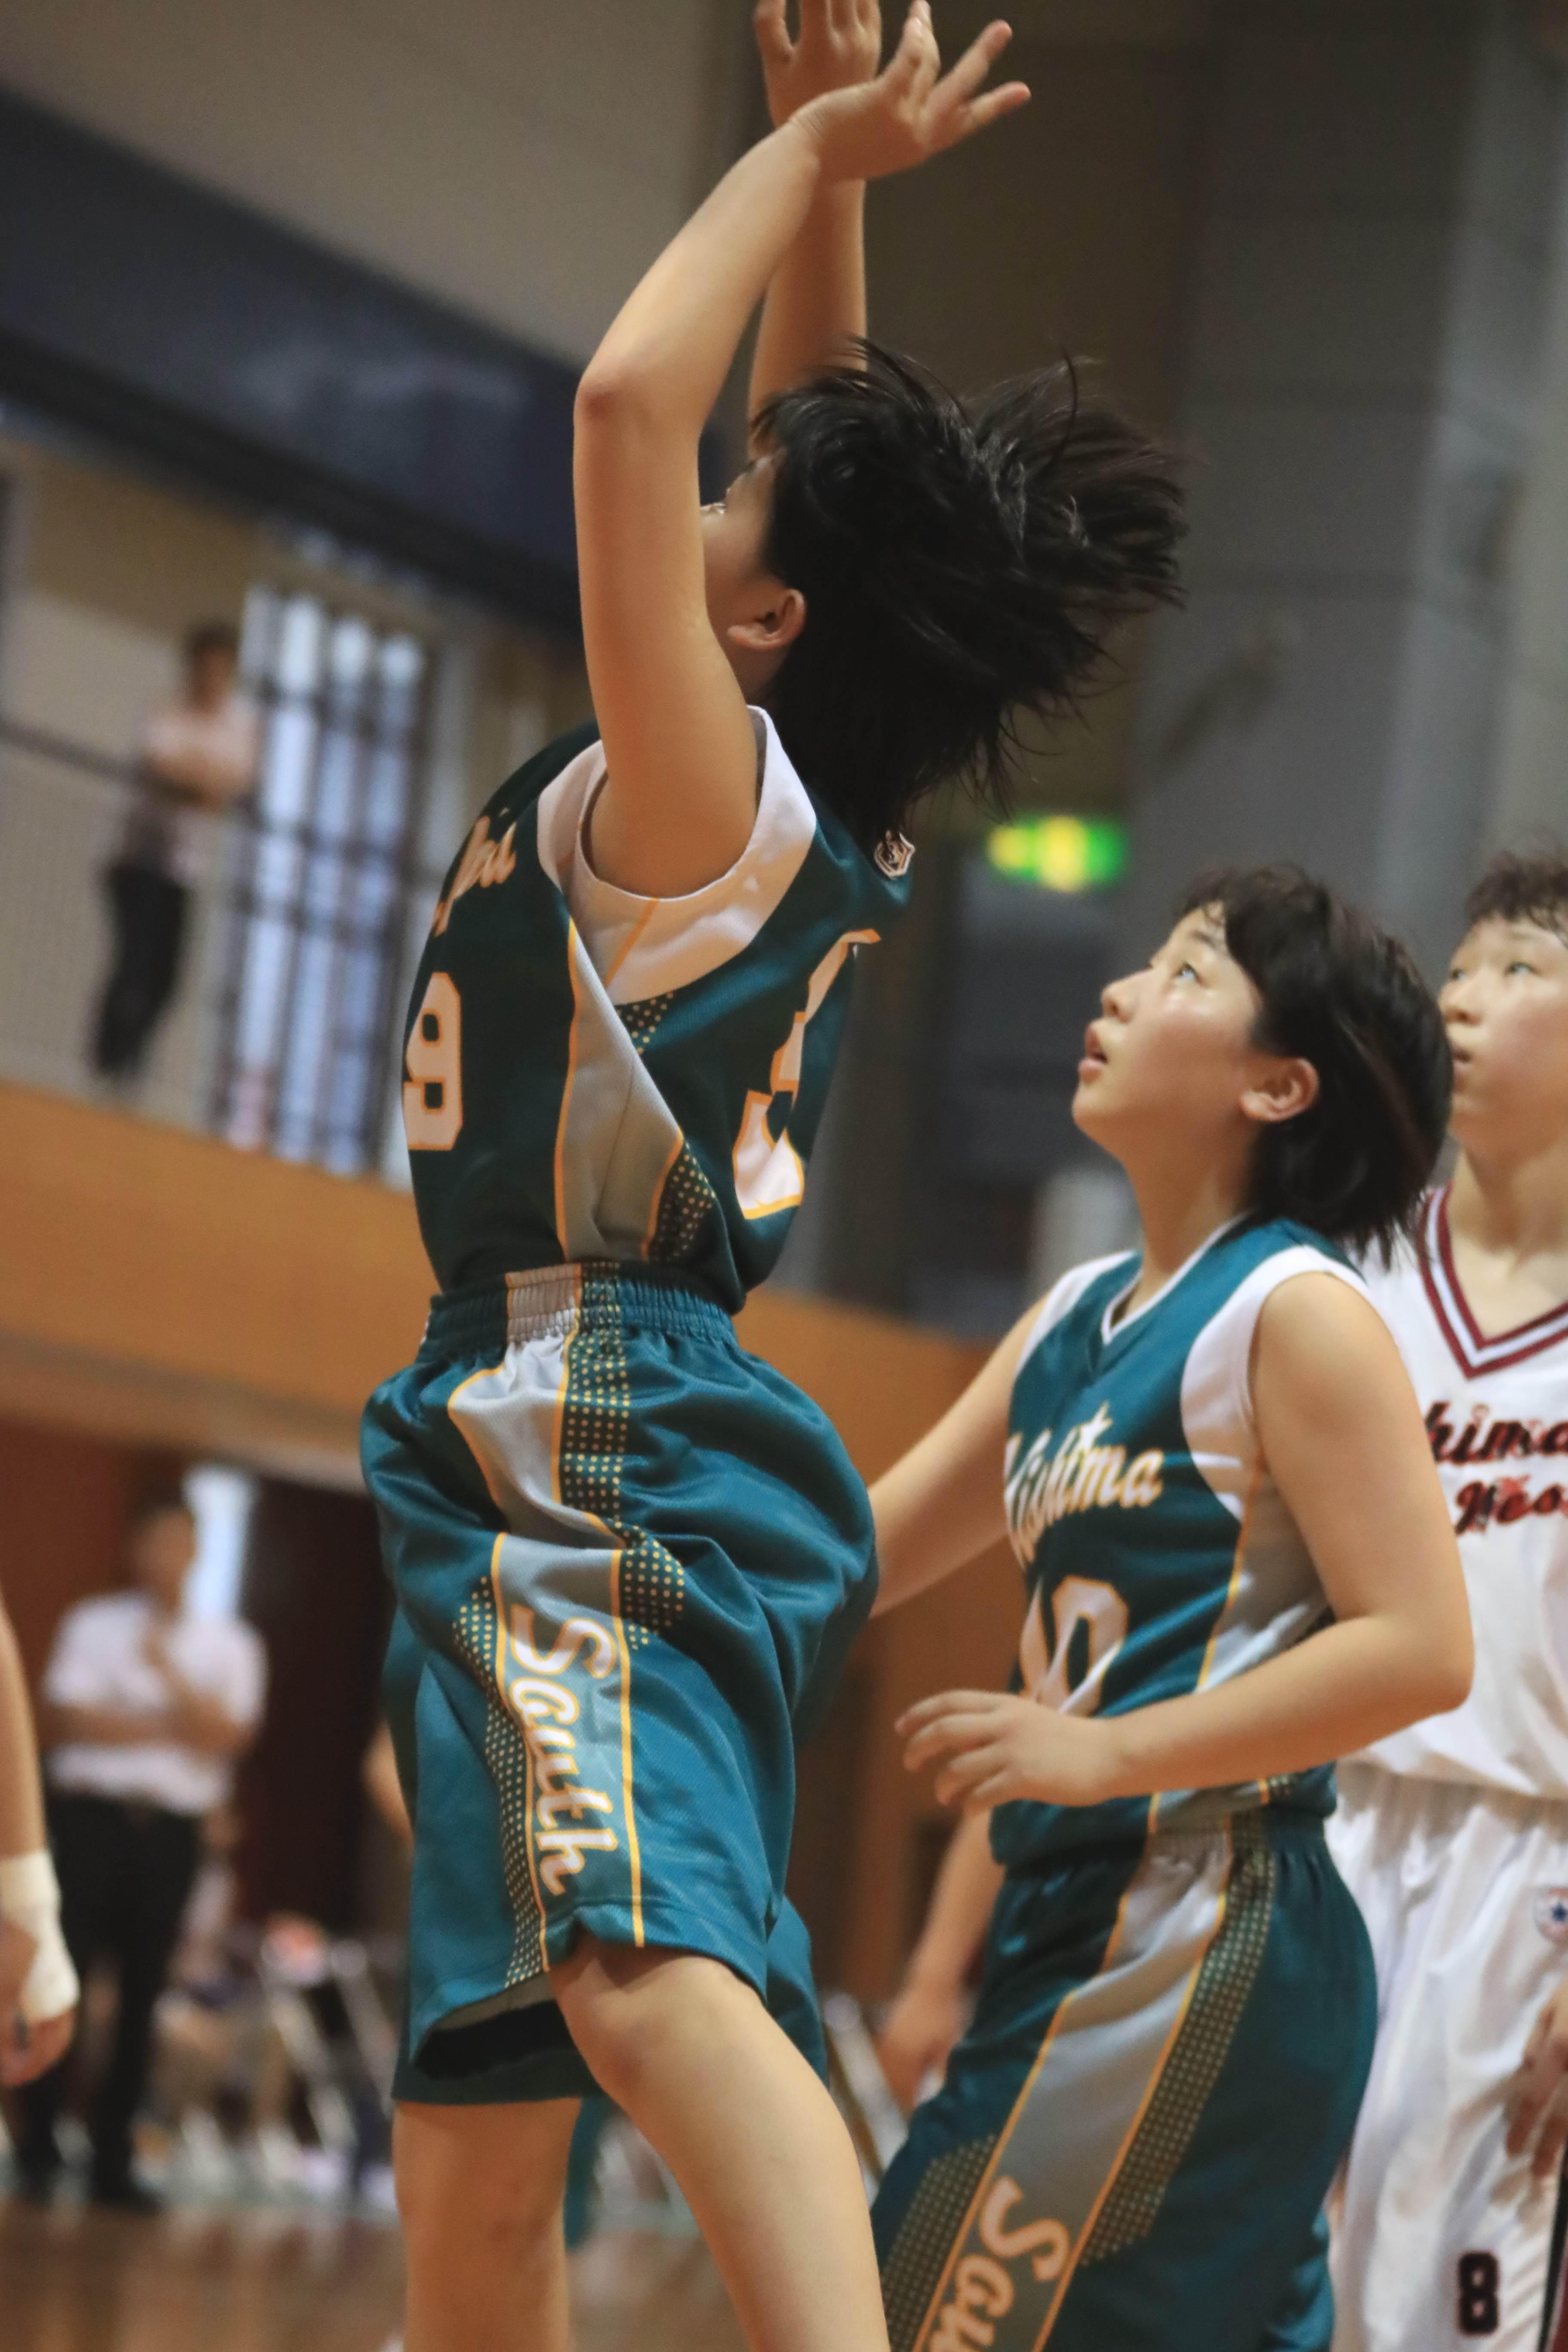 バスケットボール (68)